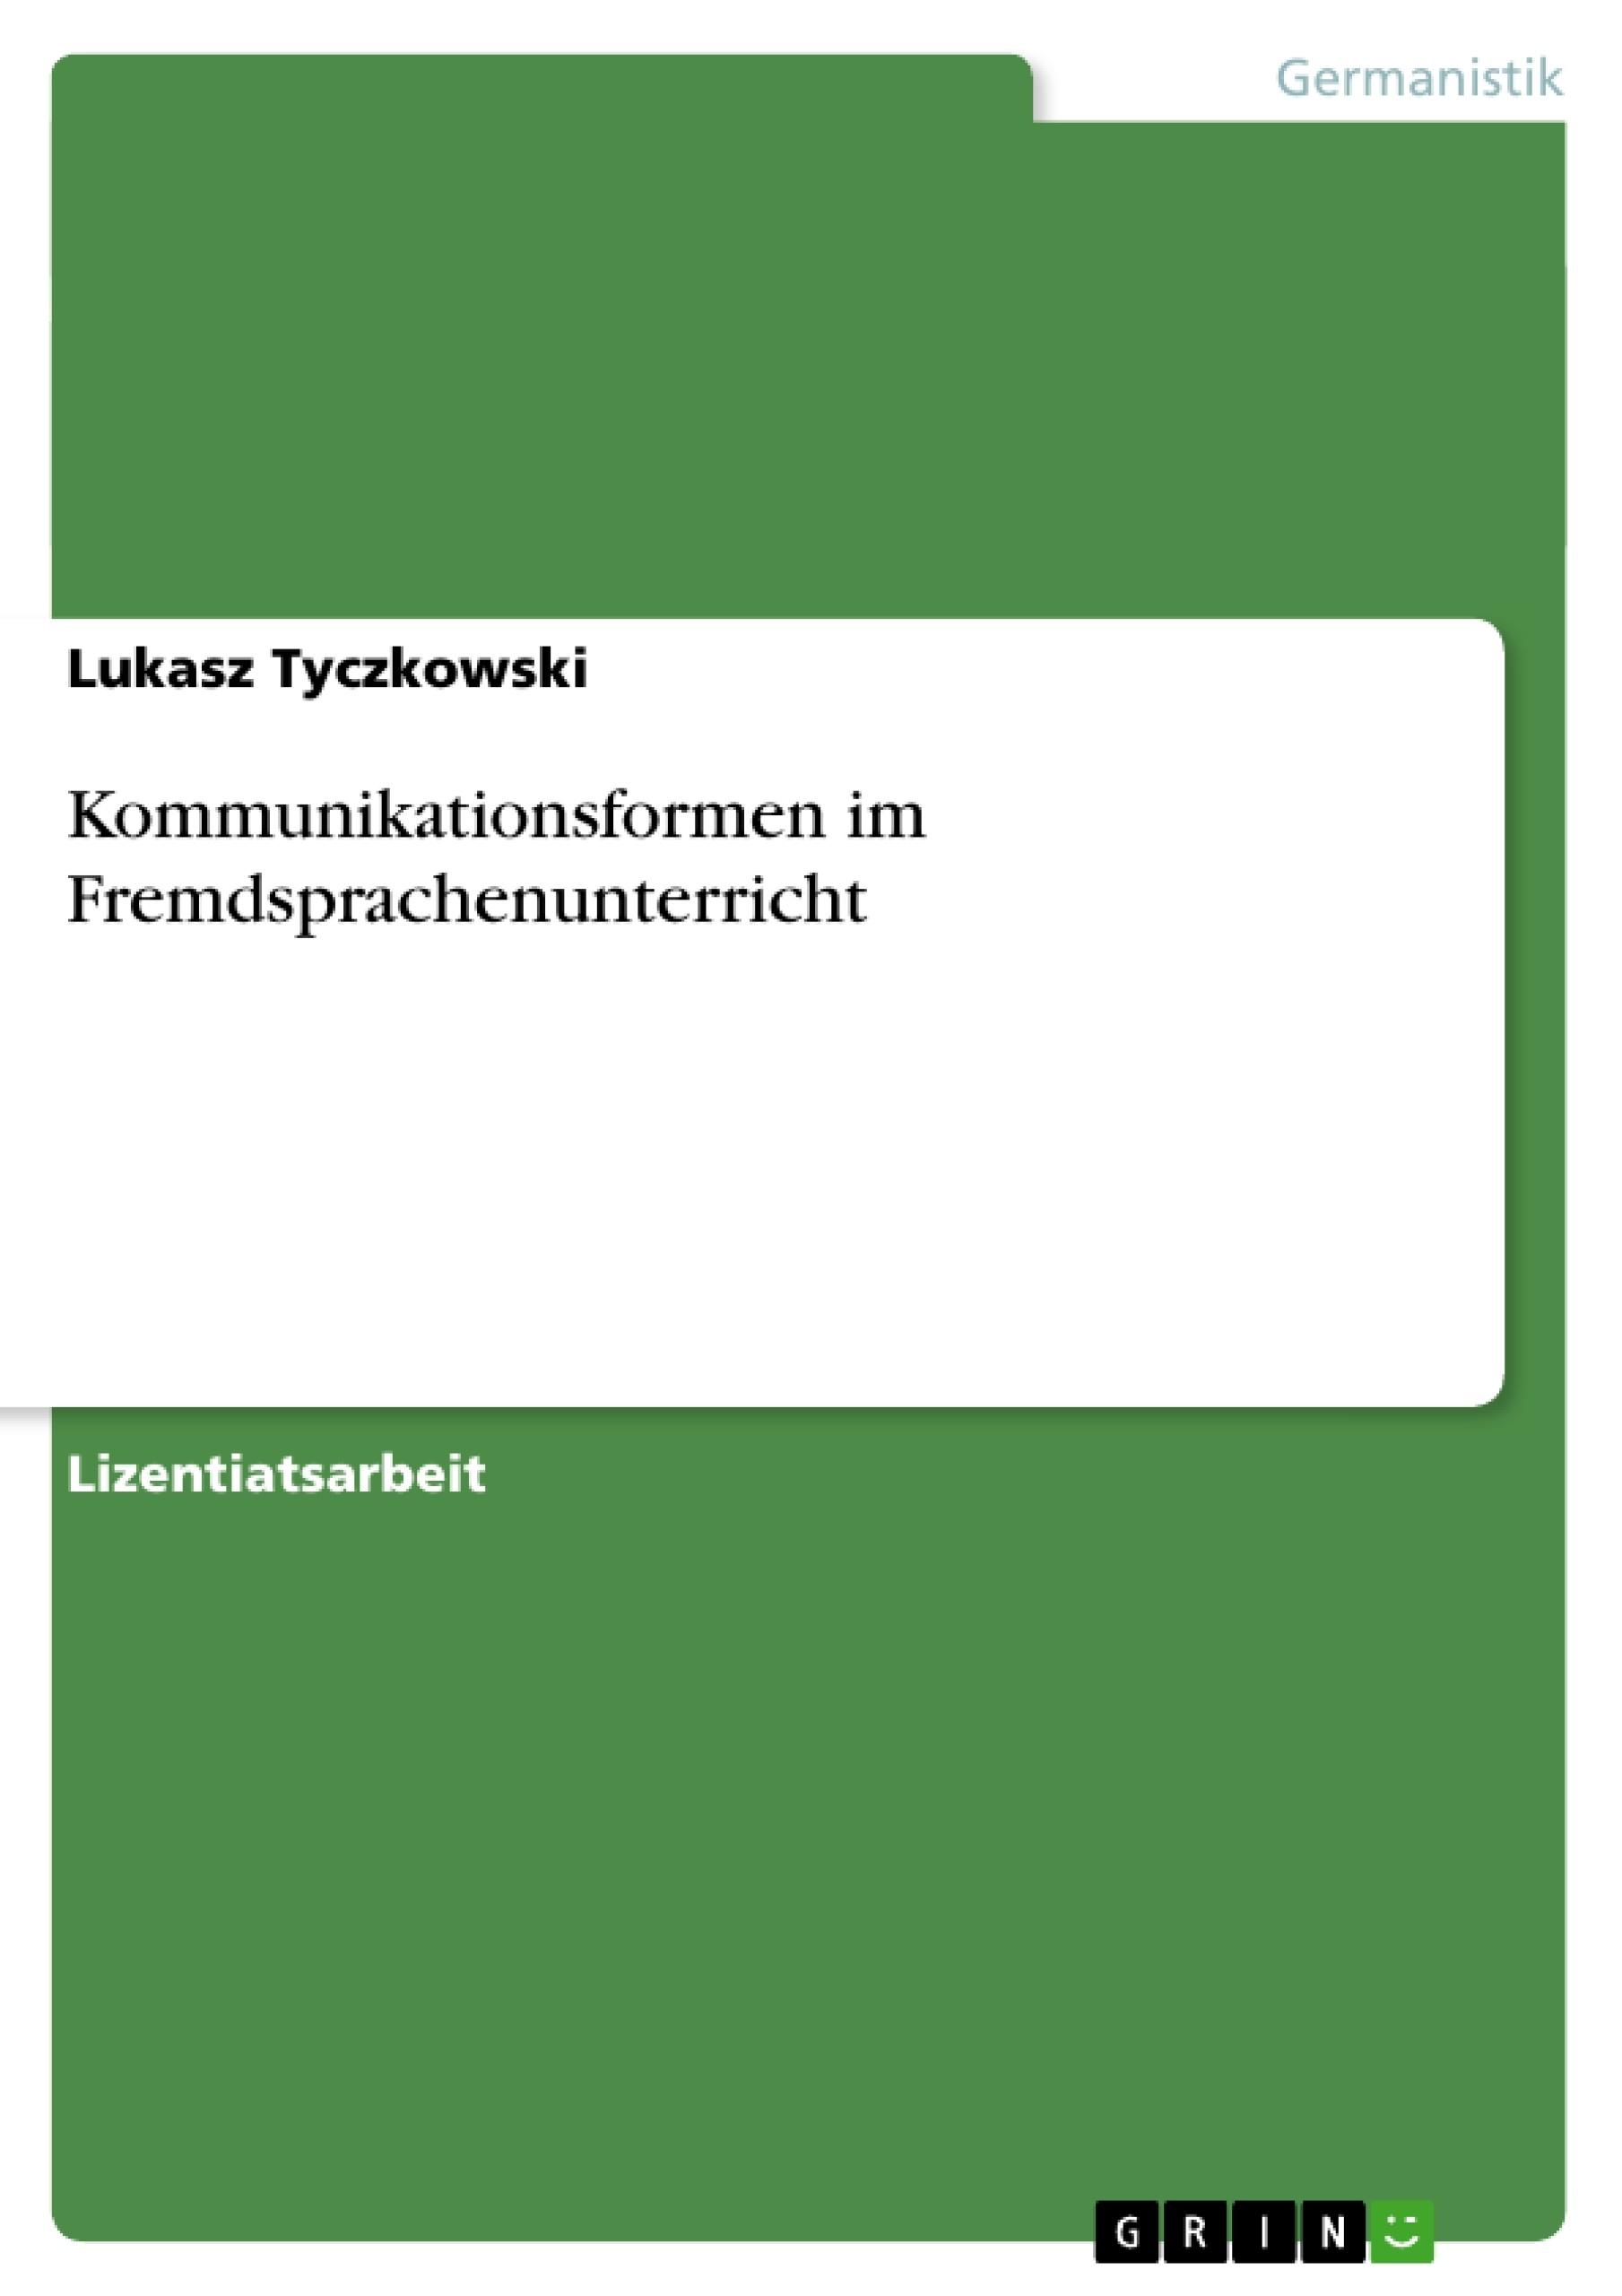 Titel: Kommunikationsformen im Fremdsprachenunterricht